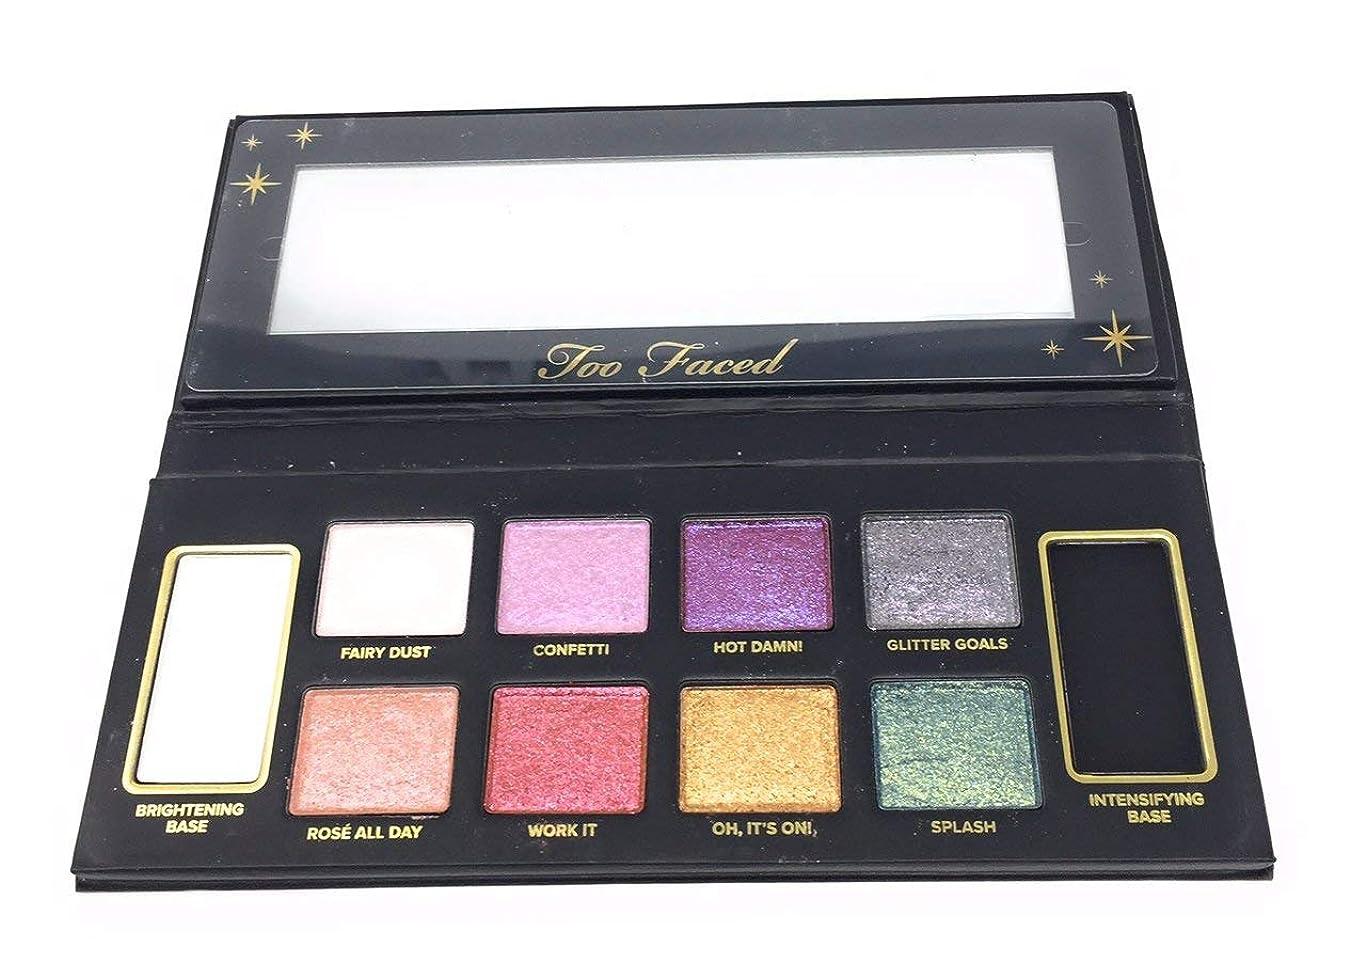 線器官感謝祭Too Faced Glitter Bomb Eyeshadow Collection - Exclusive Limited Edition Palette [並行輸入品]